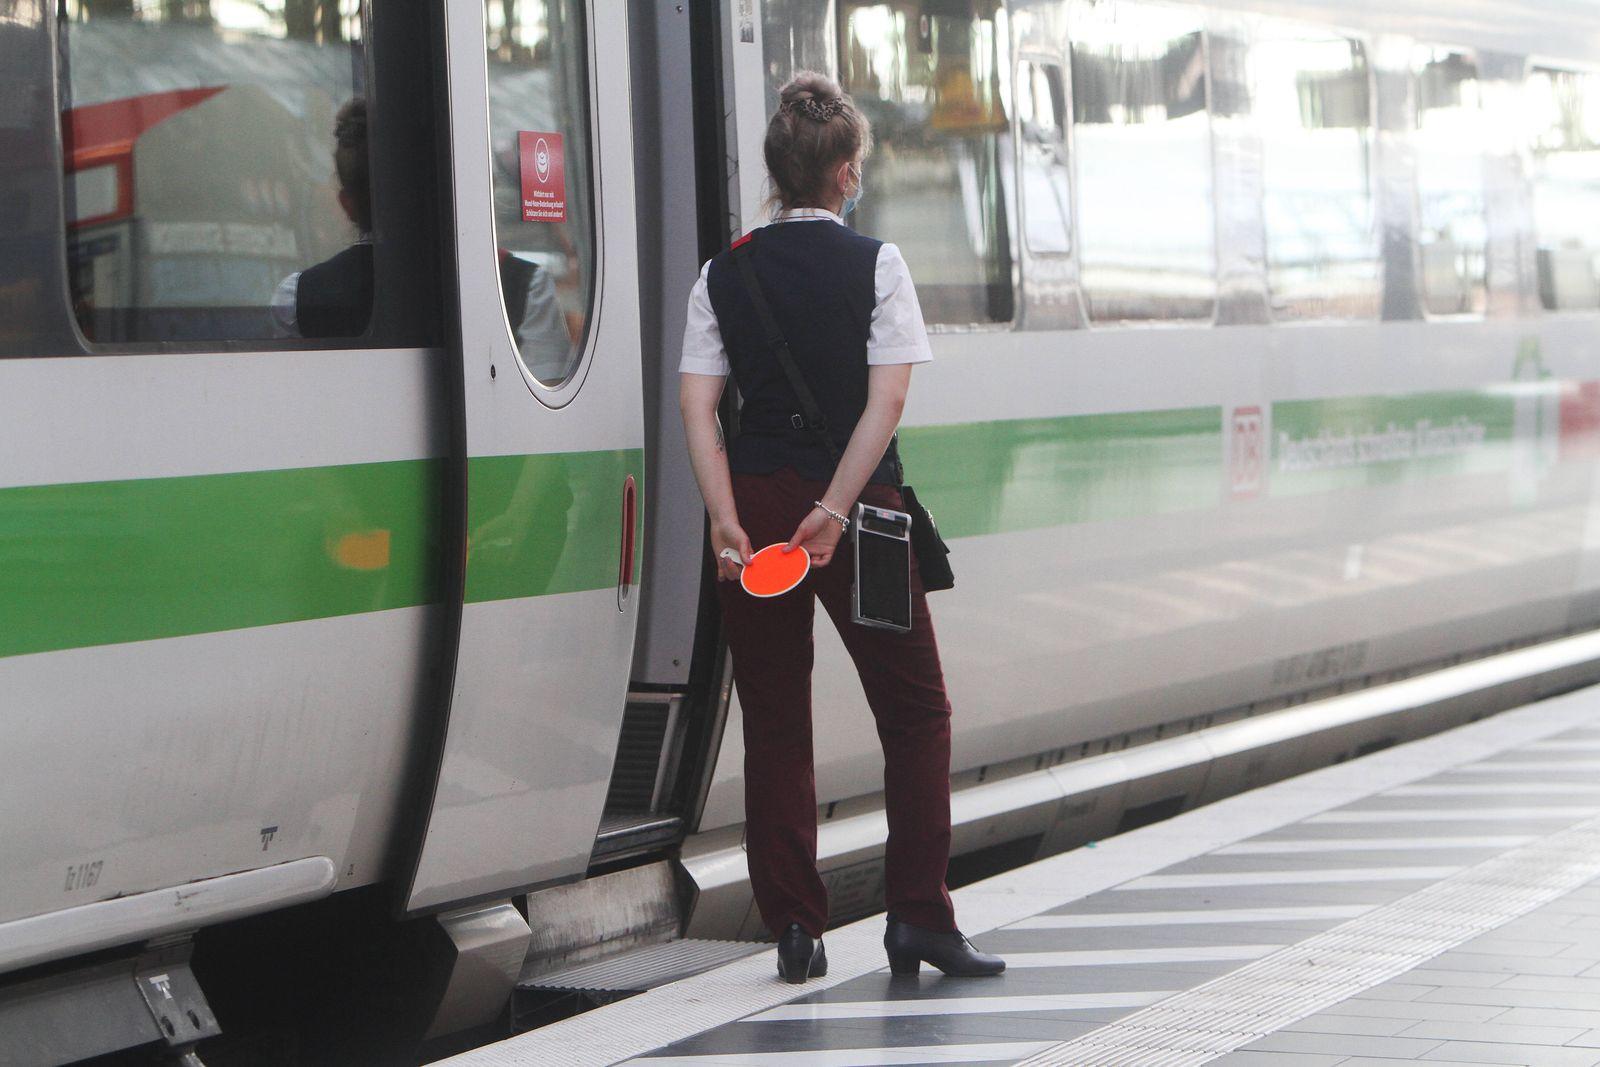 Zugbegleiterin der DB Deutsche n Bahn AG hält ihre rote Signalkelle hinter ihrem Rücken an einem verspäteten ICE im Haup